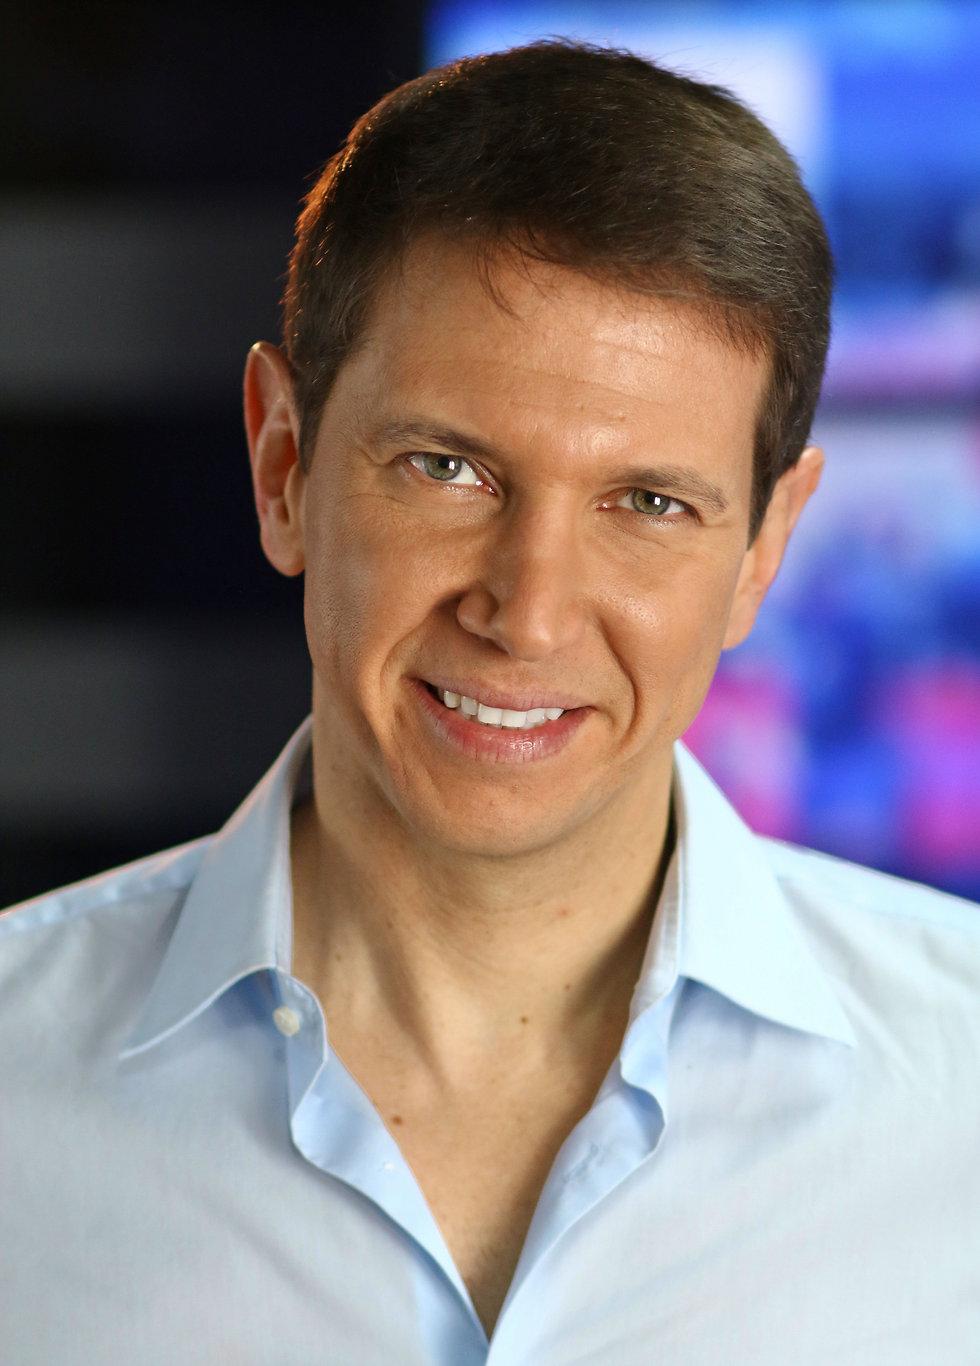 רונן ברגמן (צילום: דנה קופל) (צילום: דנה קופל)